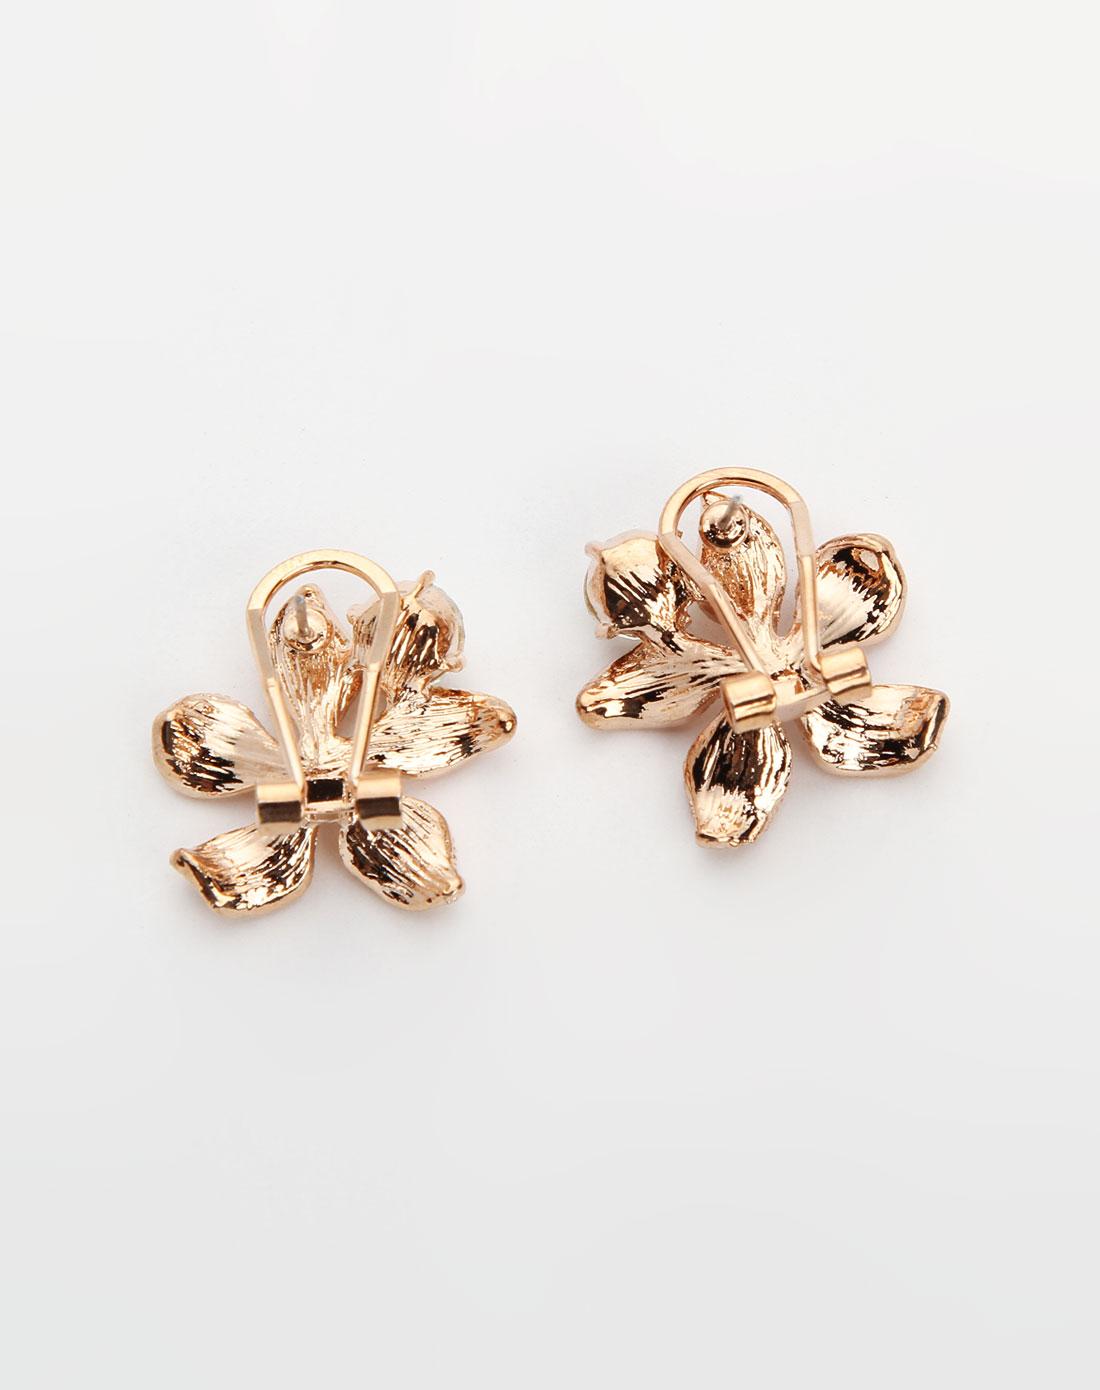 威妮华viennois-金色花形镶钻耳环